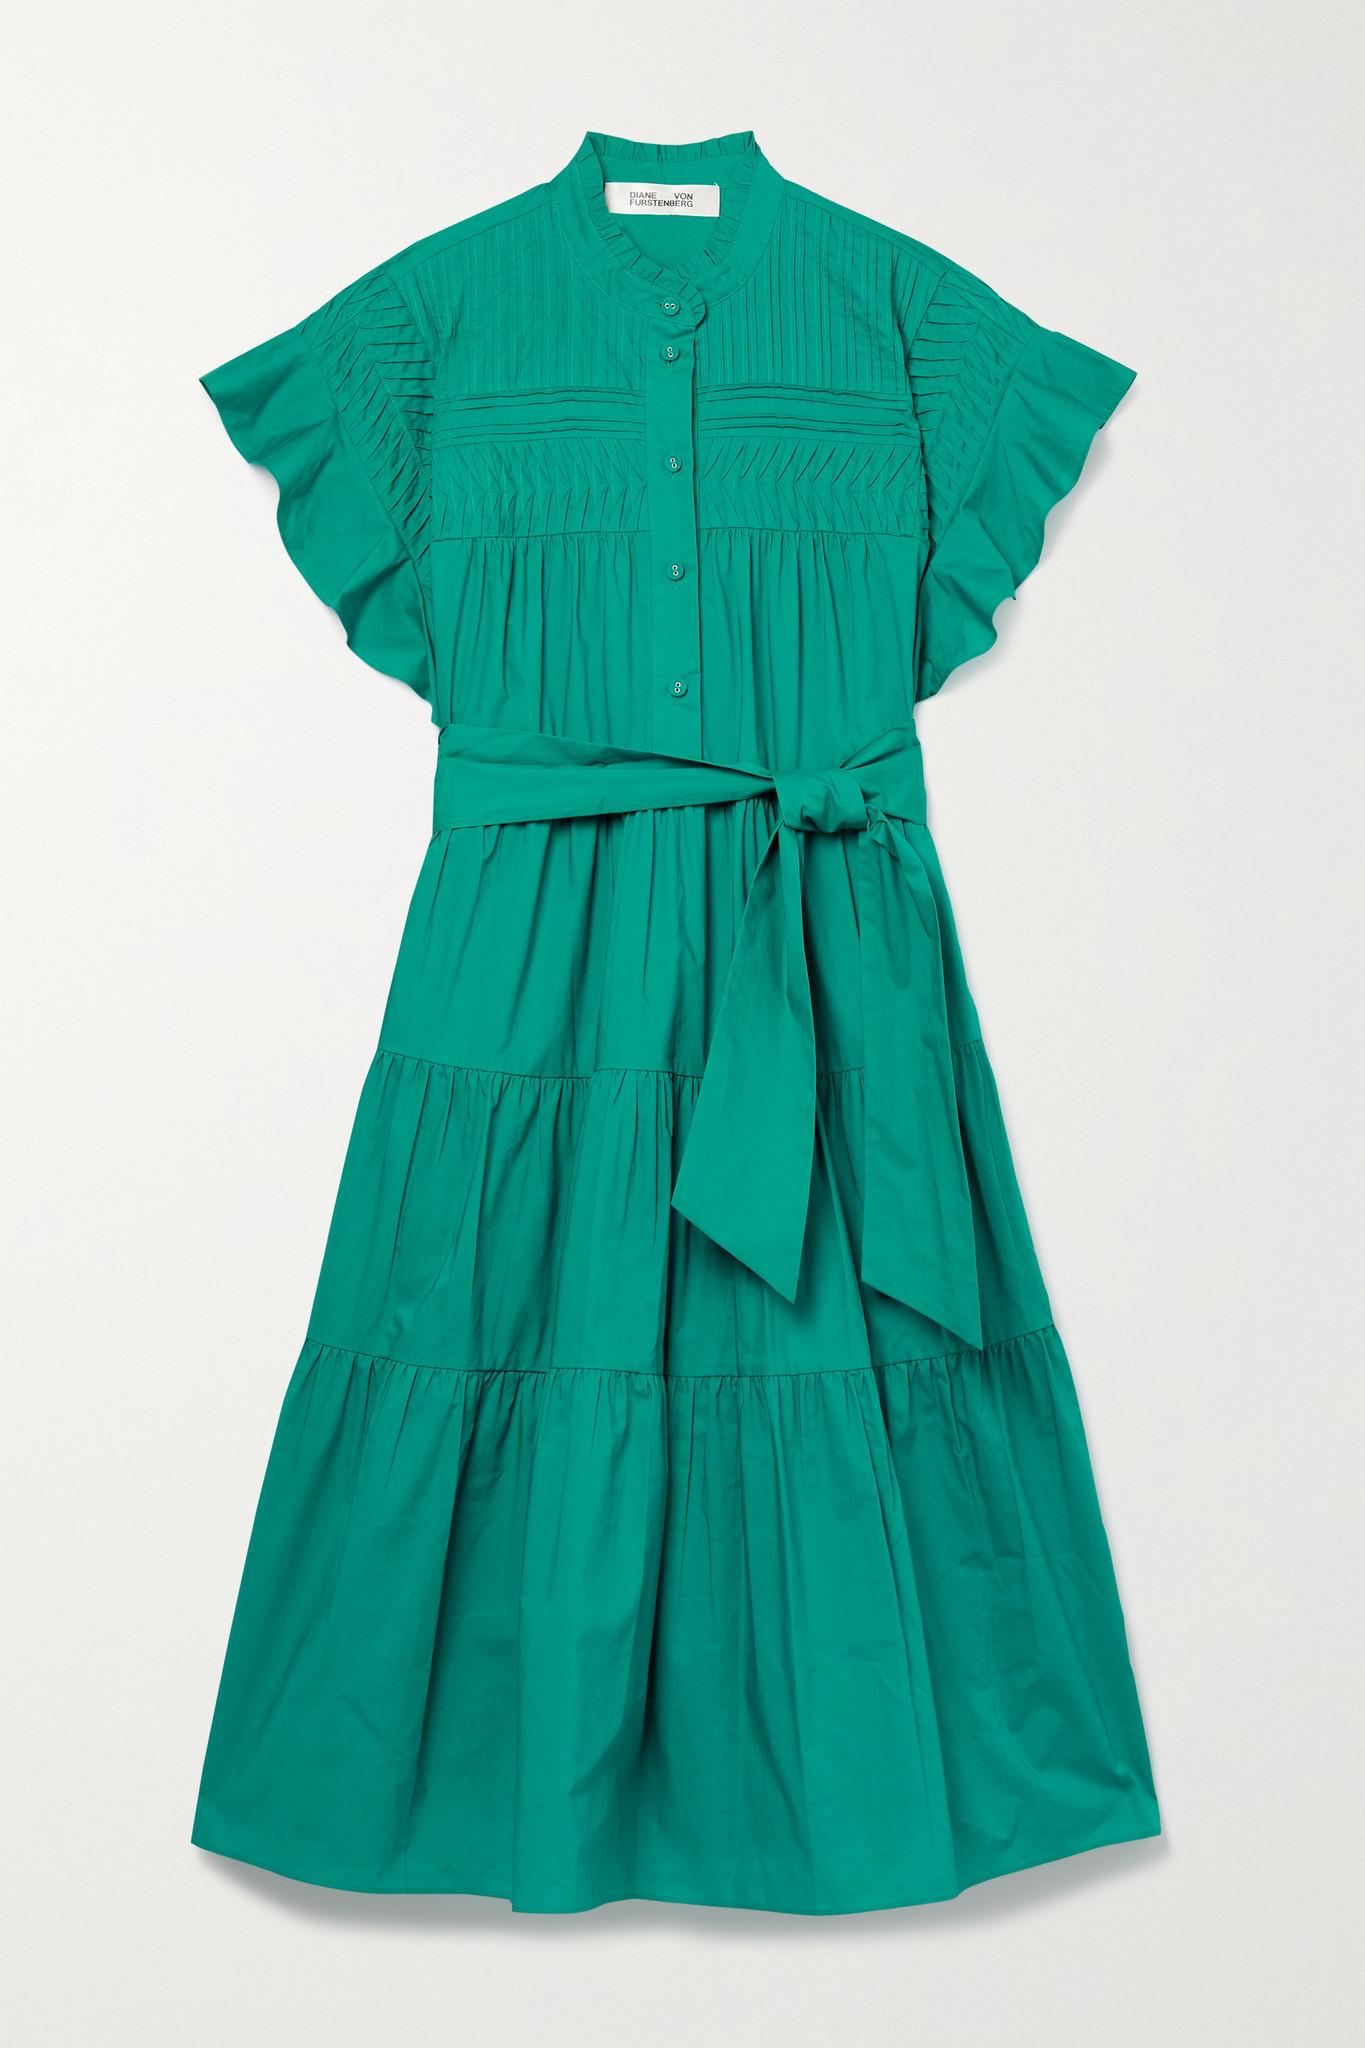 DIANE VON FURSTENBERG - Ebba 配腰带褶饰层接式纯棉府绸连衣裙 - 绿色 - x small